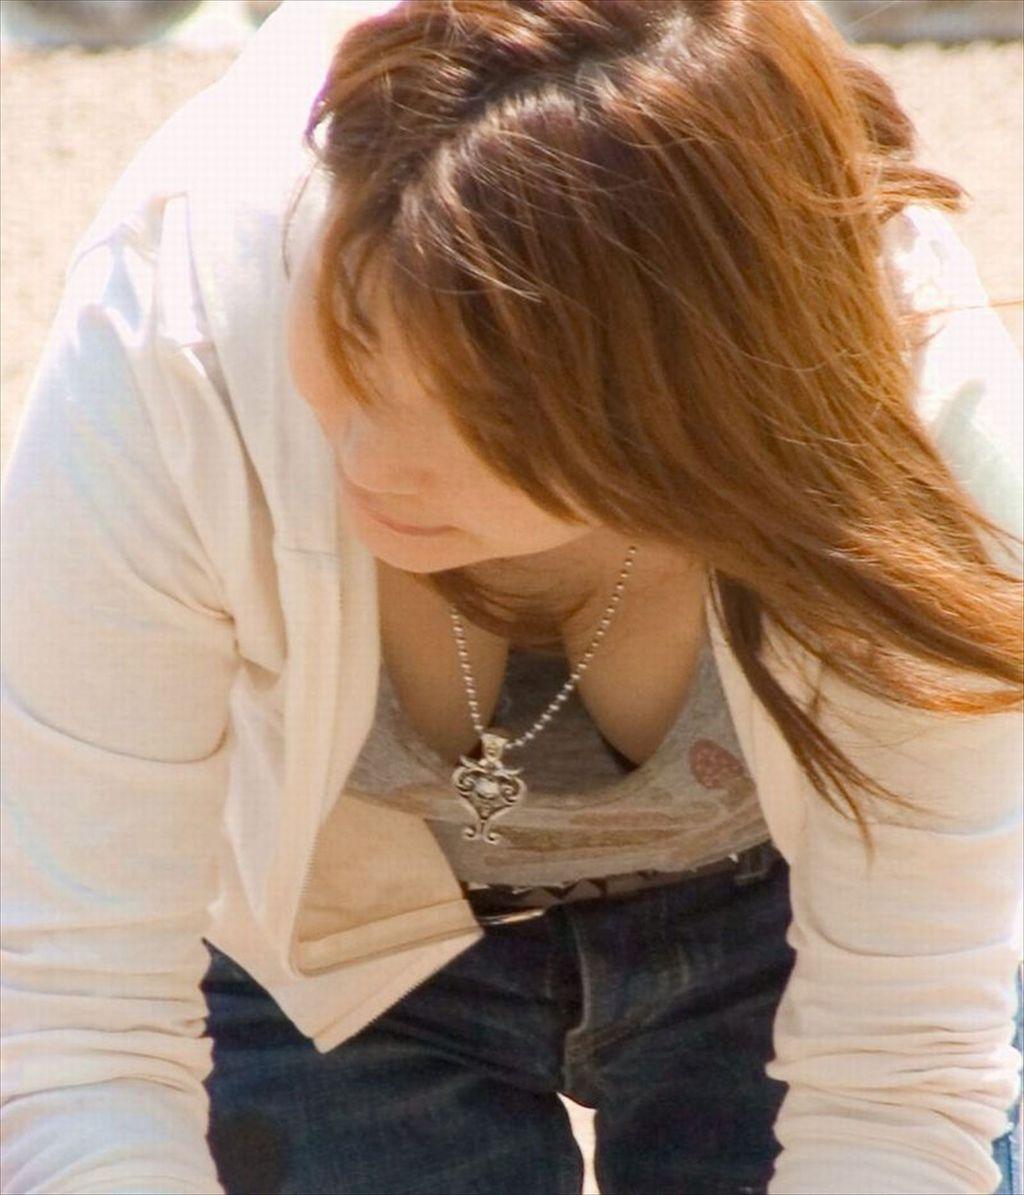 巨乳の大きな乳房がチラチラ (10)